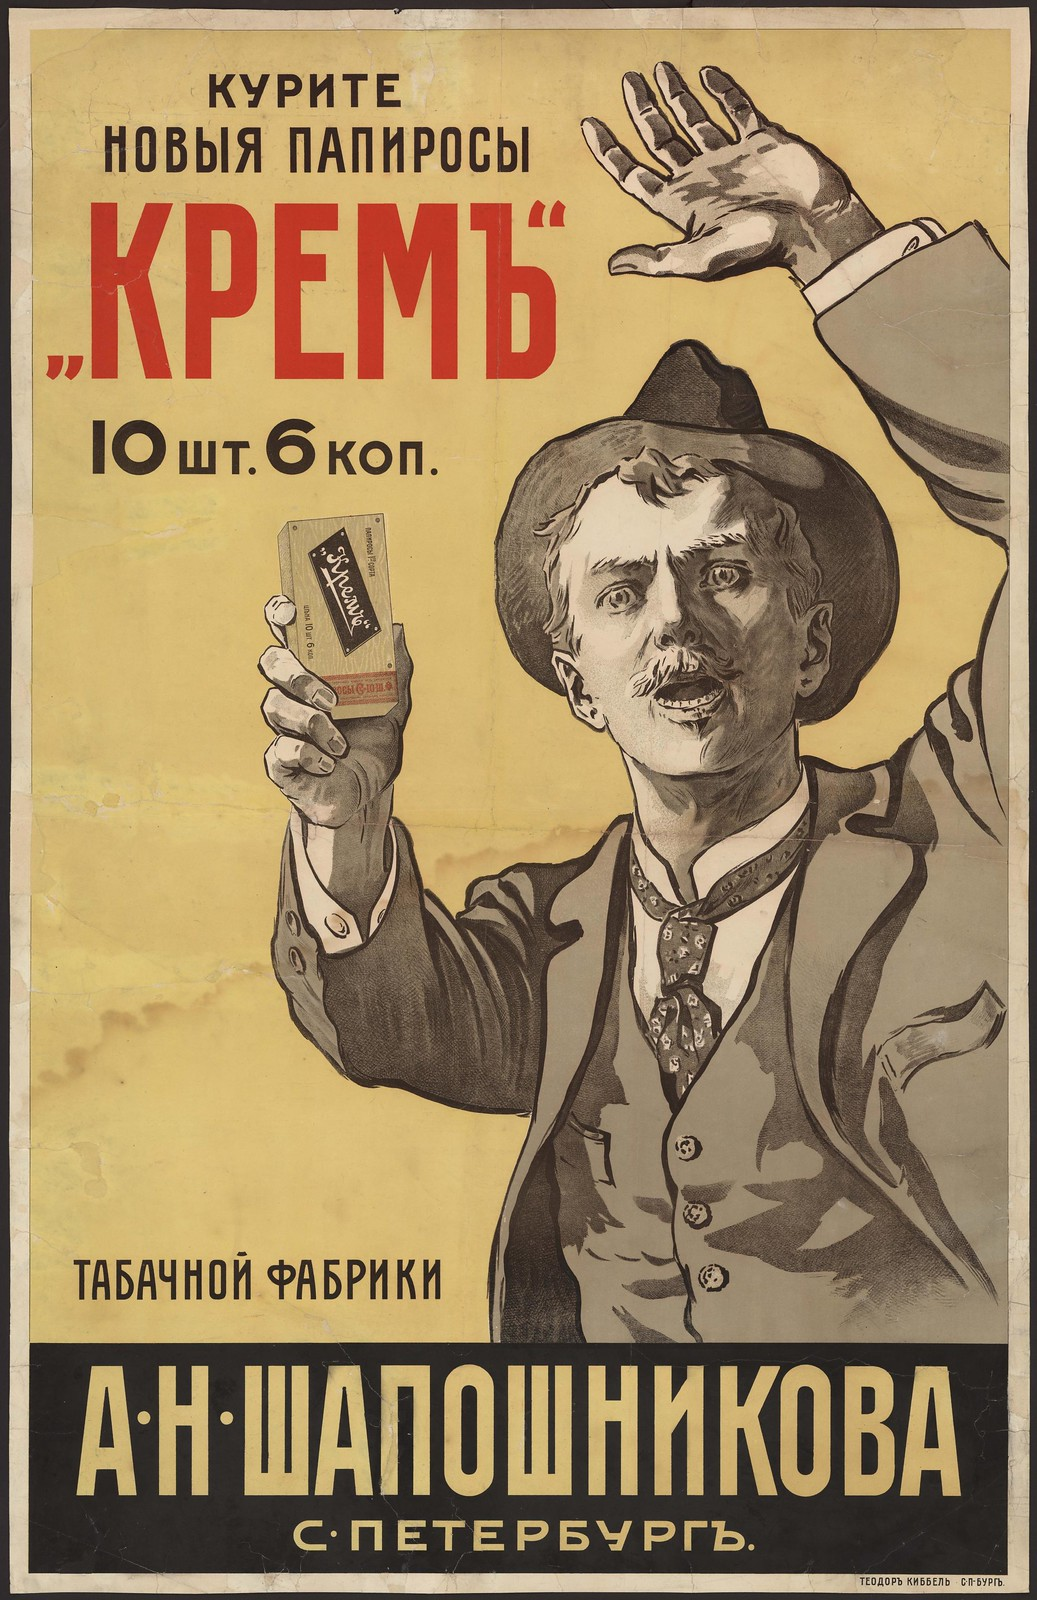 Курите новые папиросы «Крем» 10 шт. 6 коп. табачной фабрики А. Н. Шапошникова. С.-Петербург